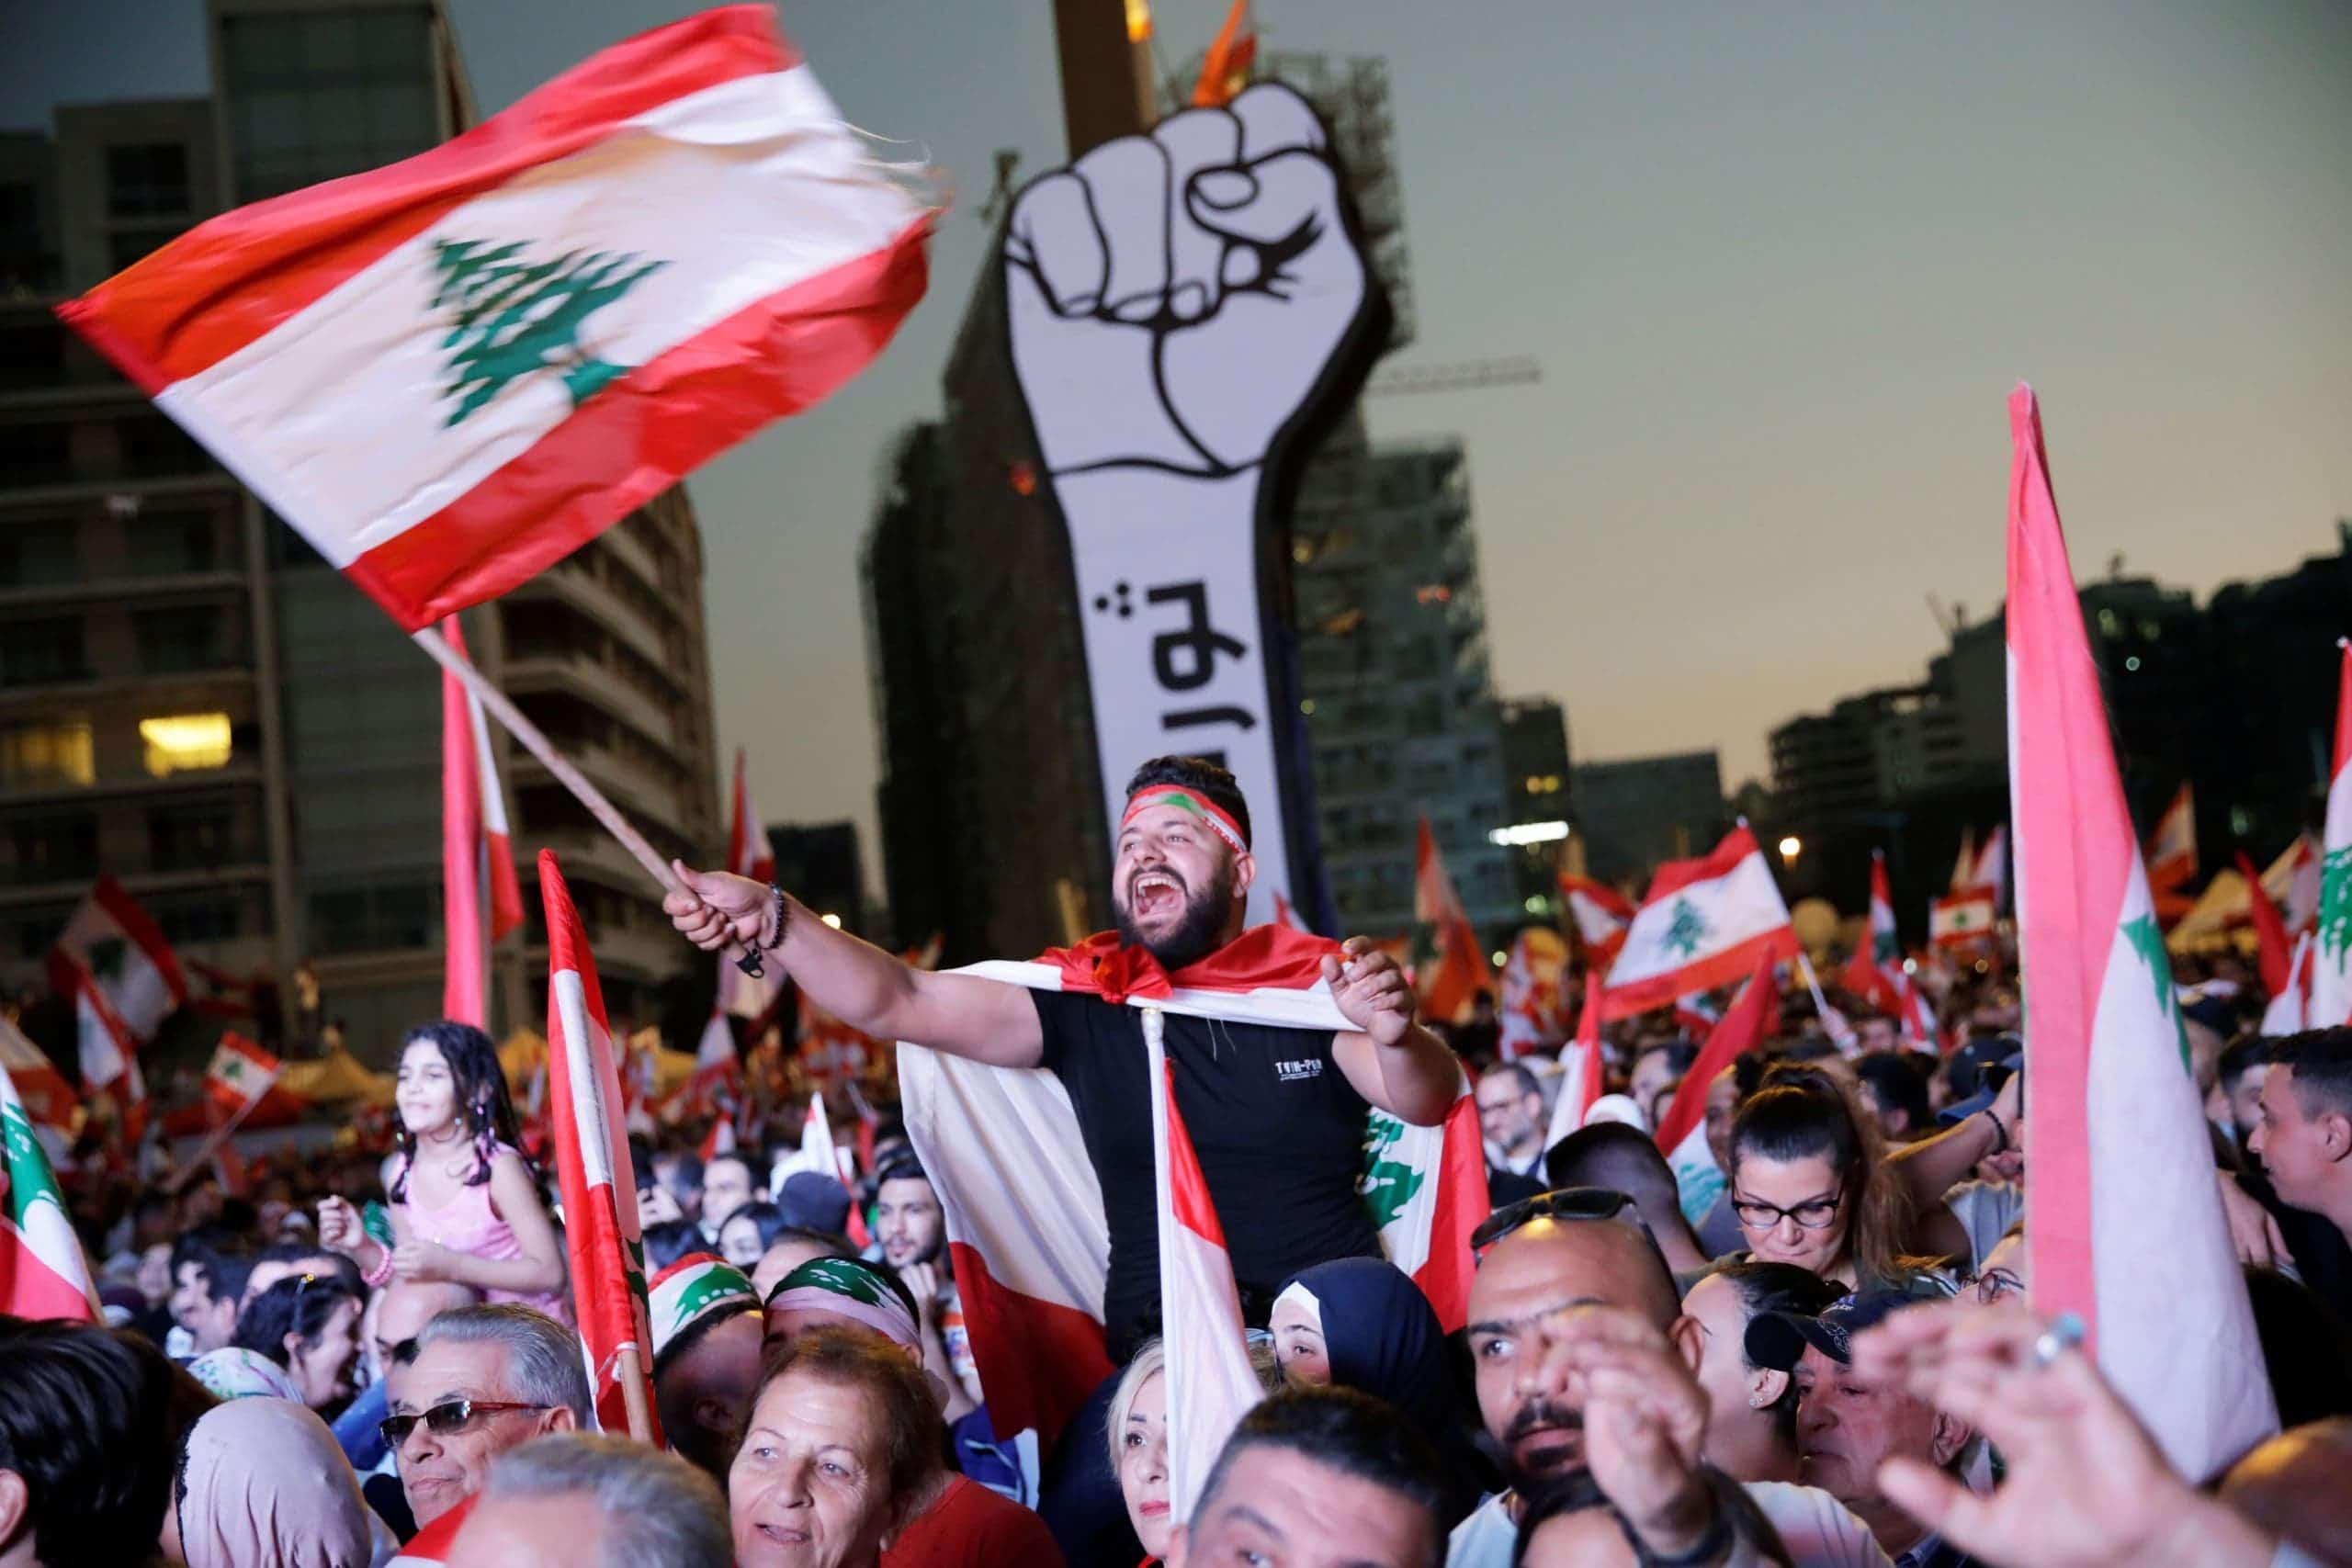 (شاهد) ما فعله الجيش اللبناني في تحرك عاجل أملا في حل أزمة الوقود الكارثية